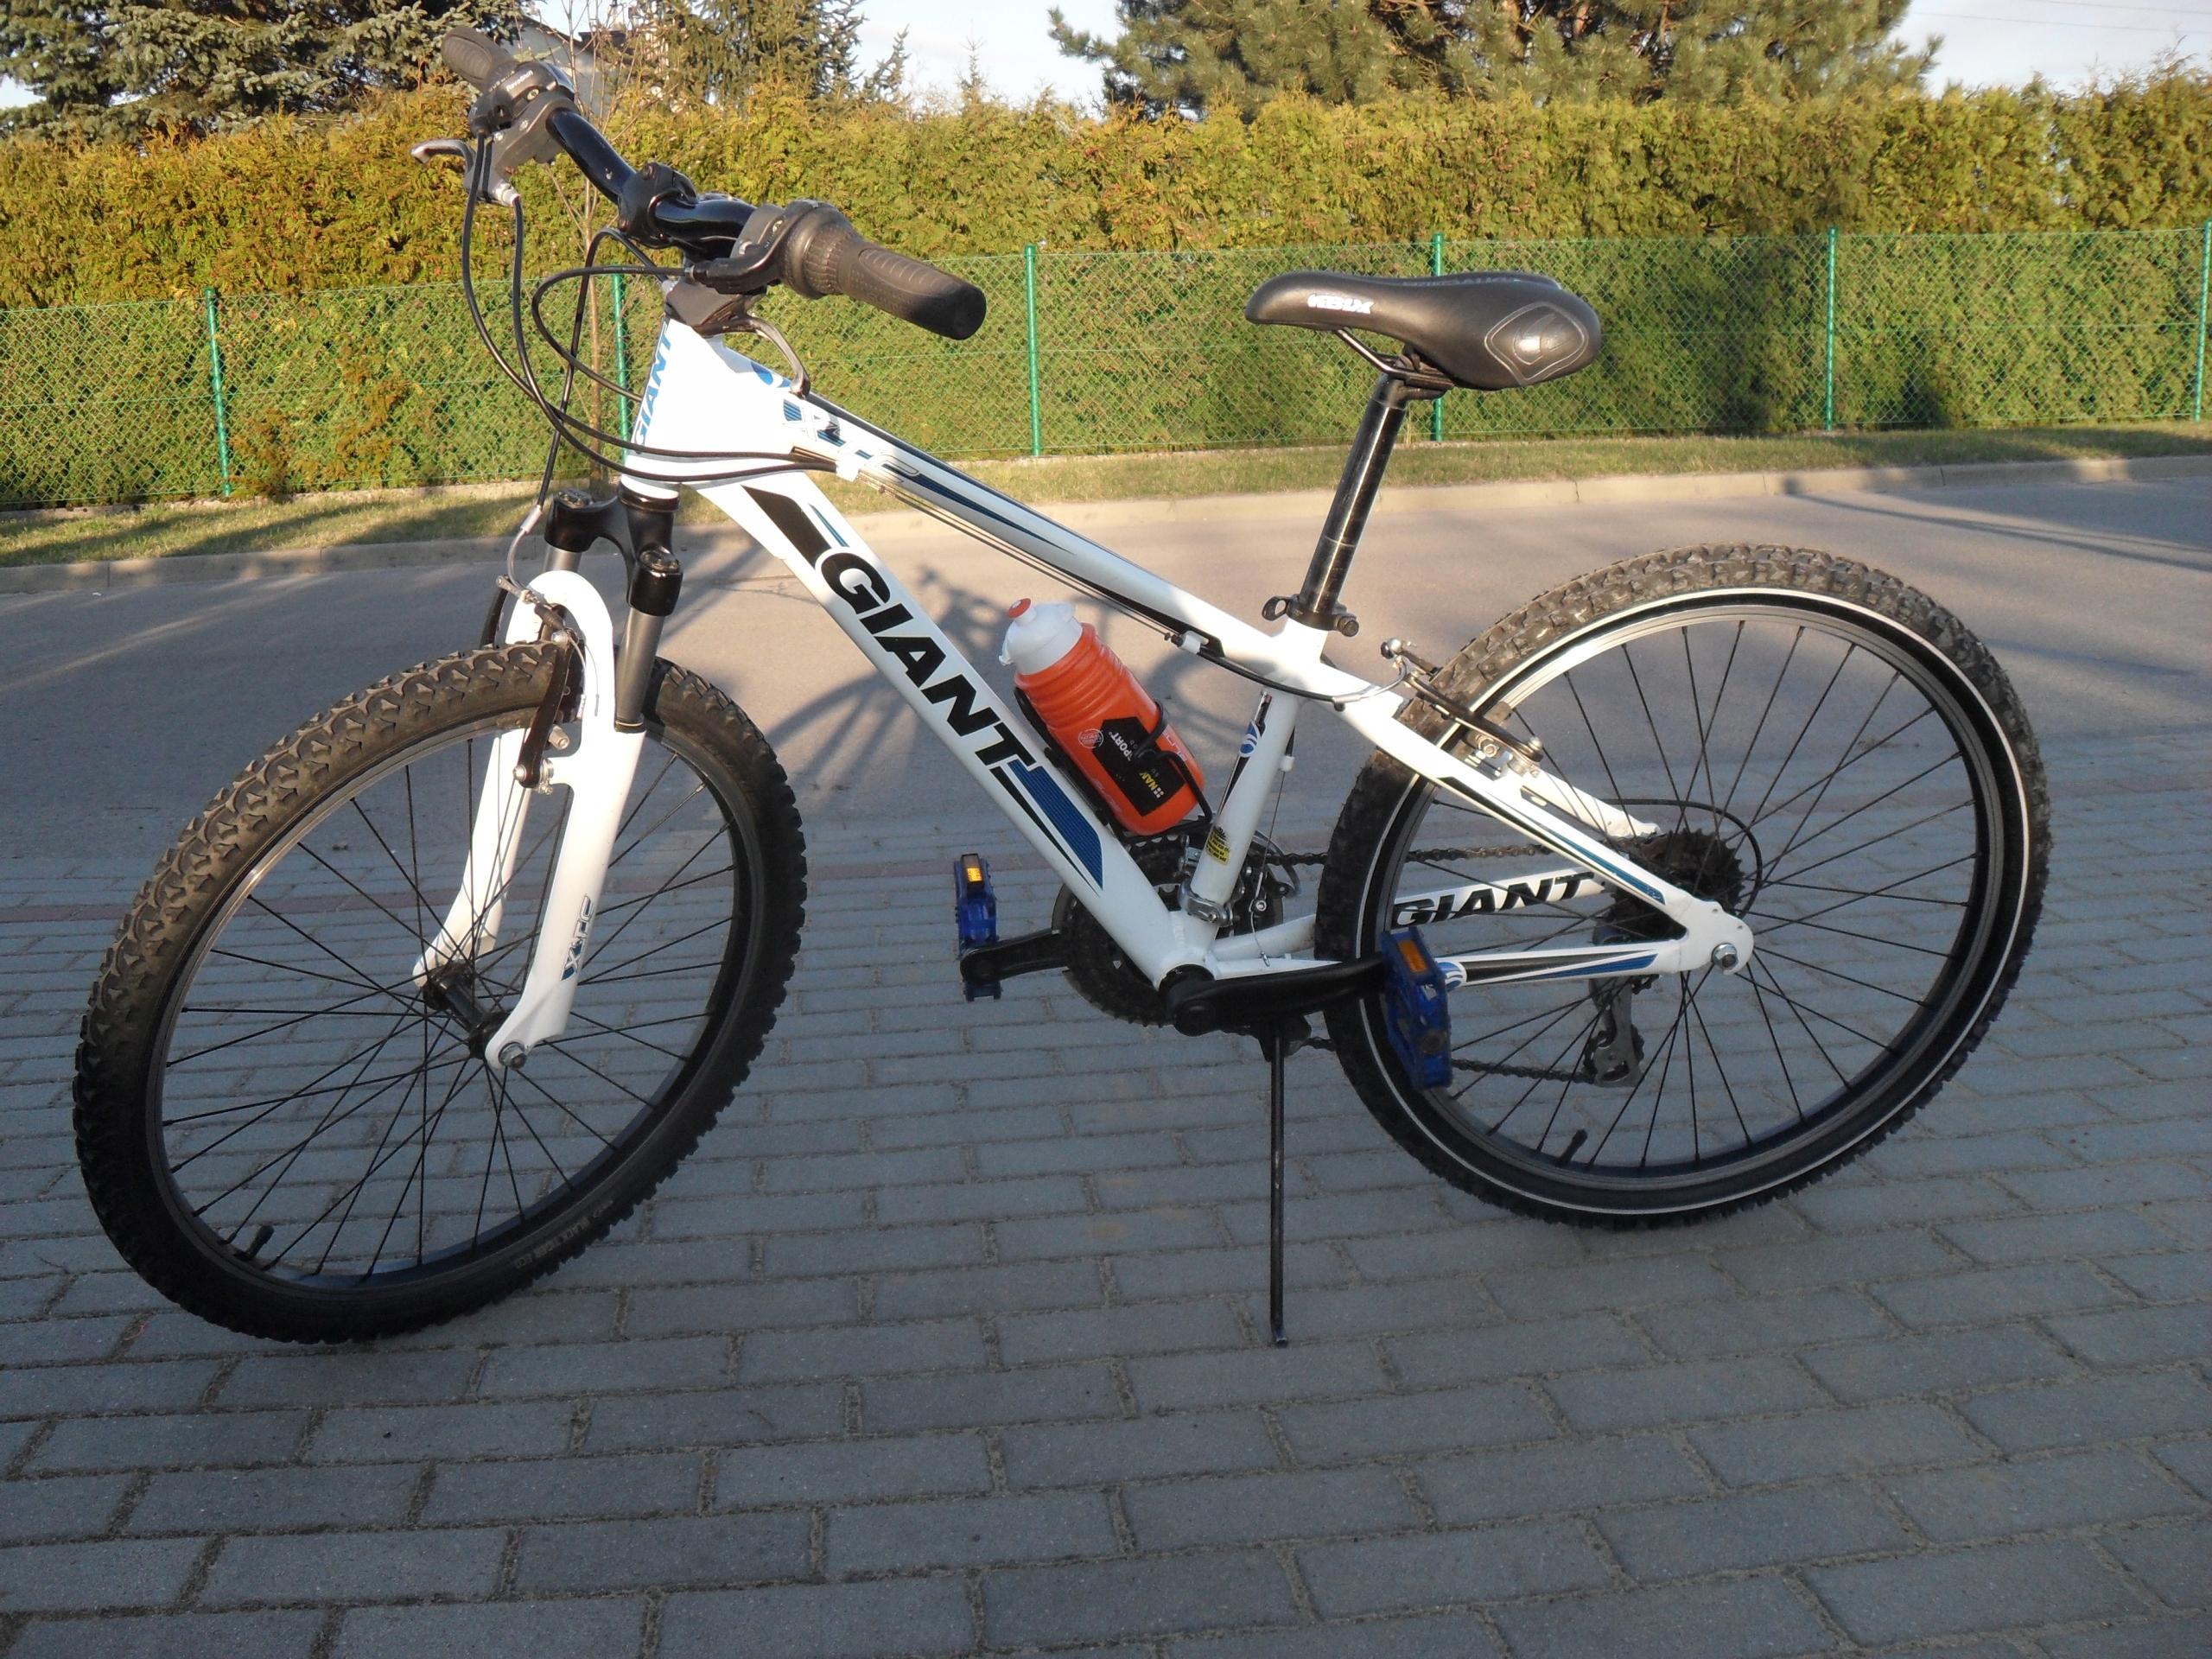 Rower Giant XTC junior 24' Aluminium